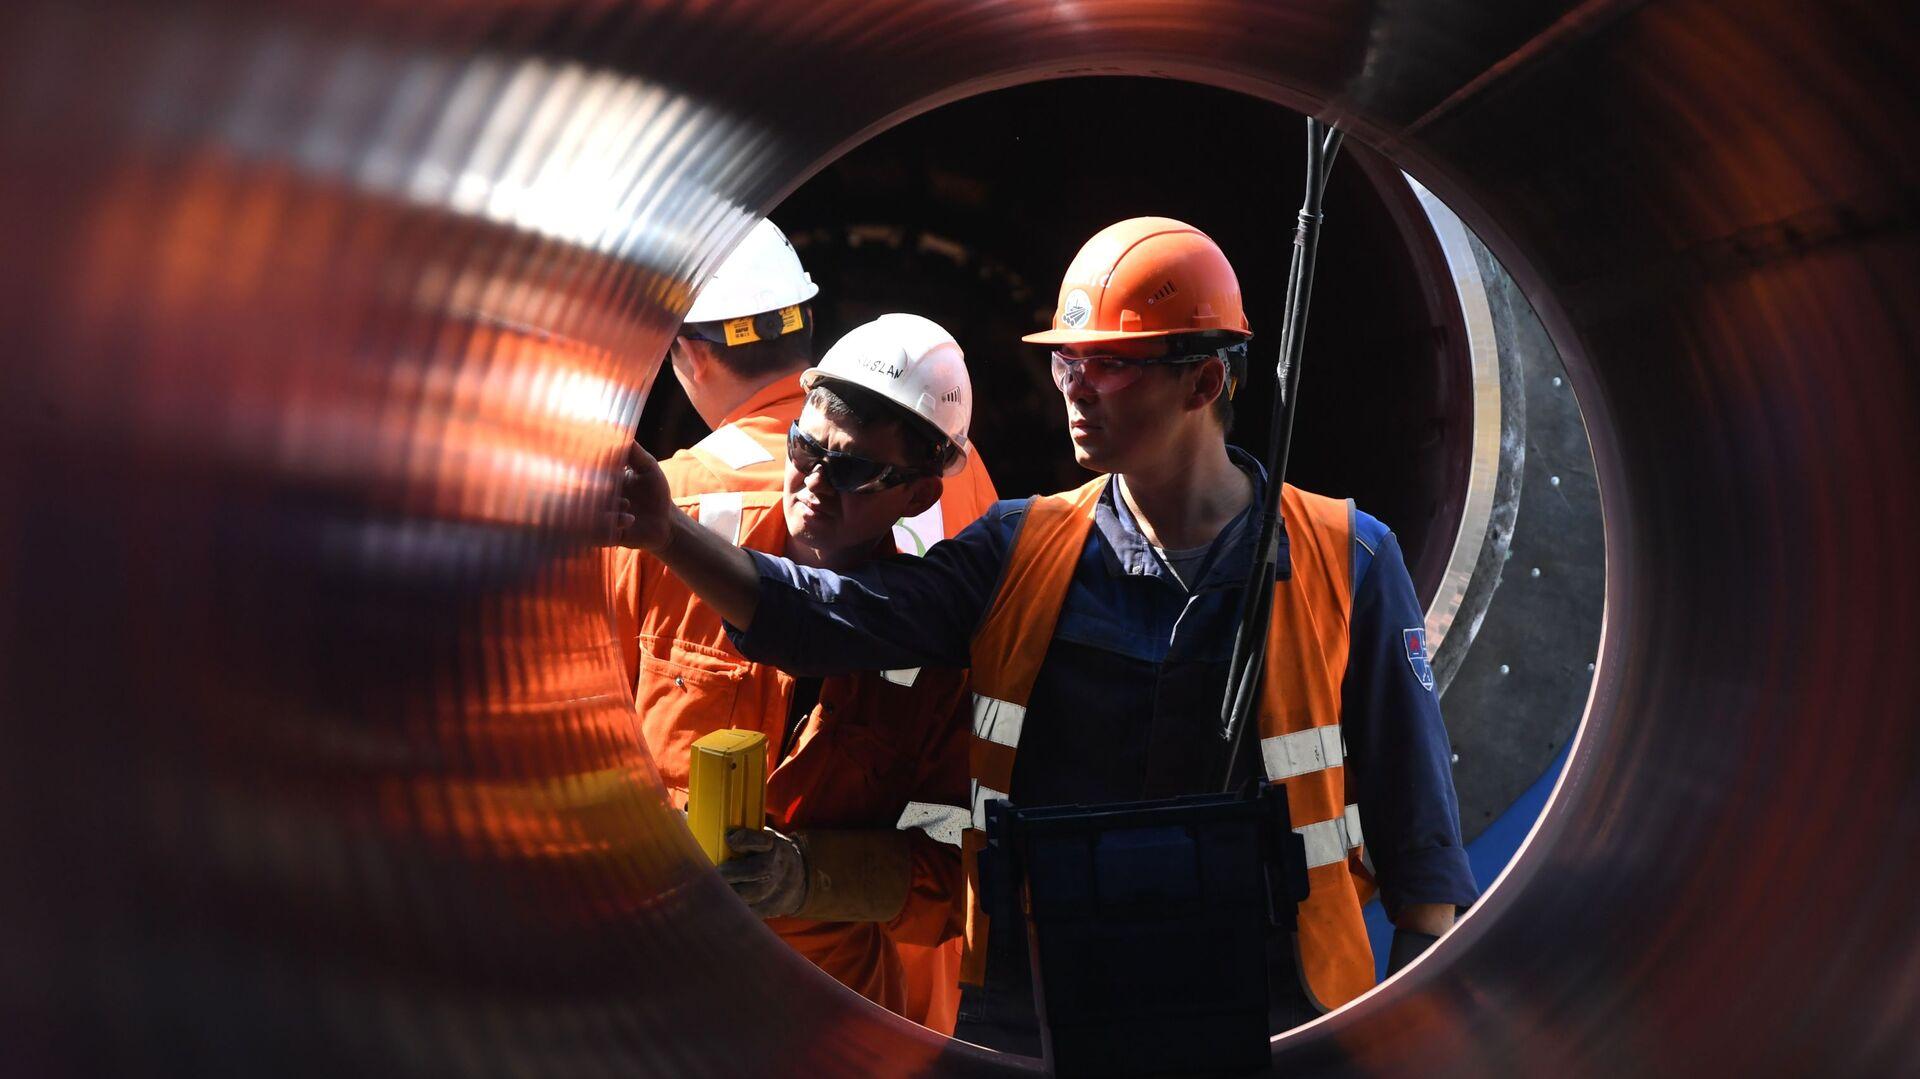 Construcción del gasoducto Nord Stream 2 - Sputnik Mundo, 1920, 17.02.2021